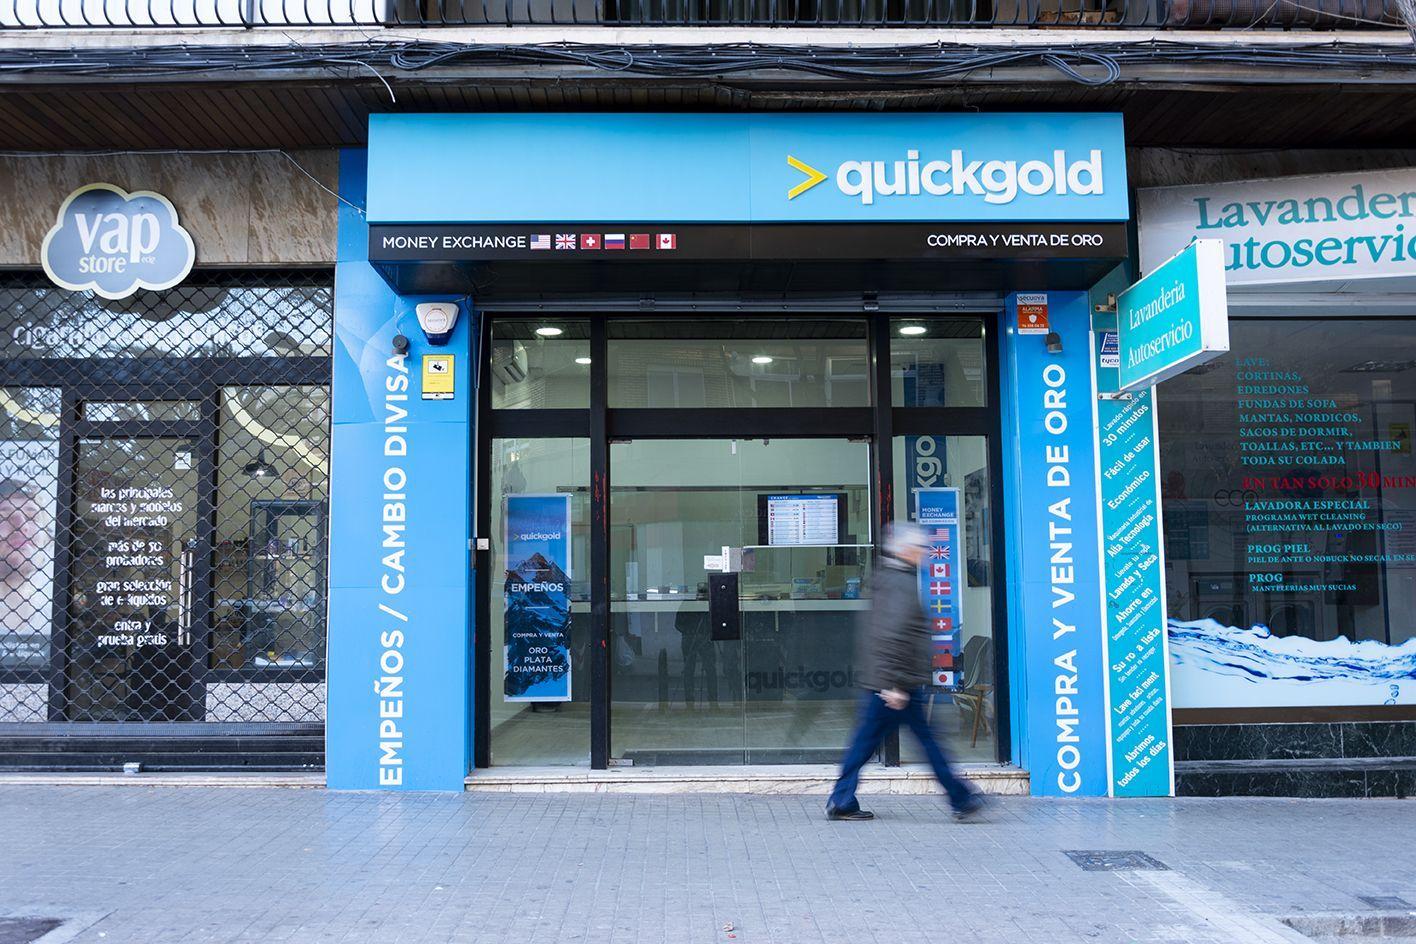 Tienda Quickgold Avenida Burjassot